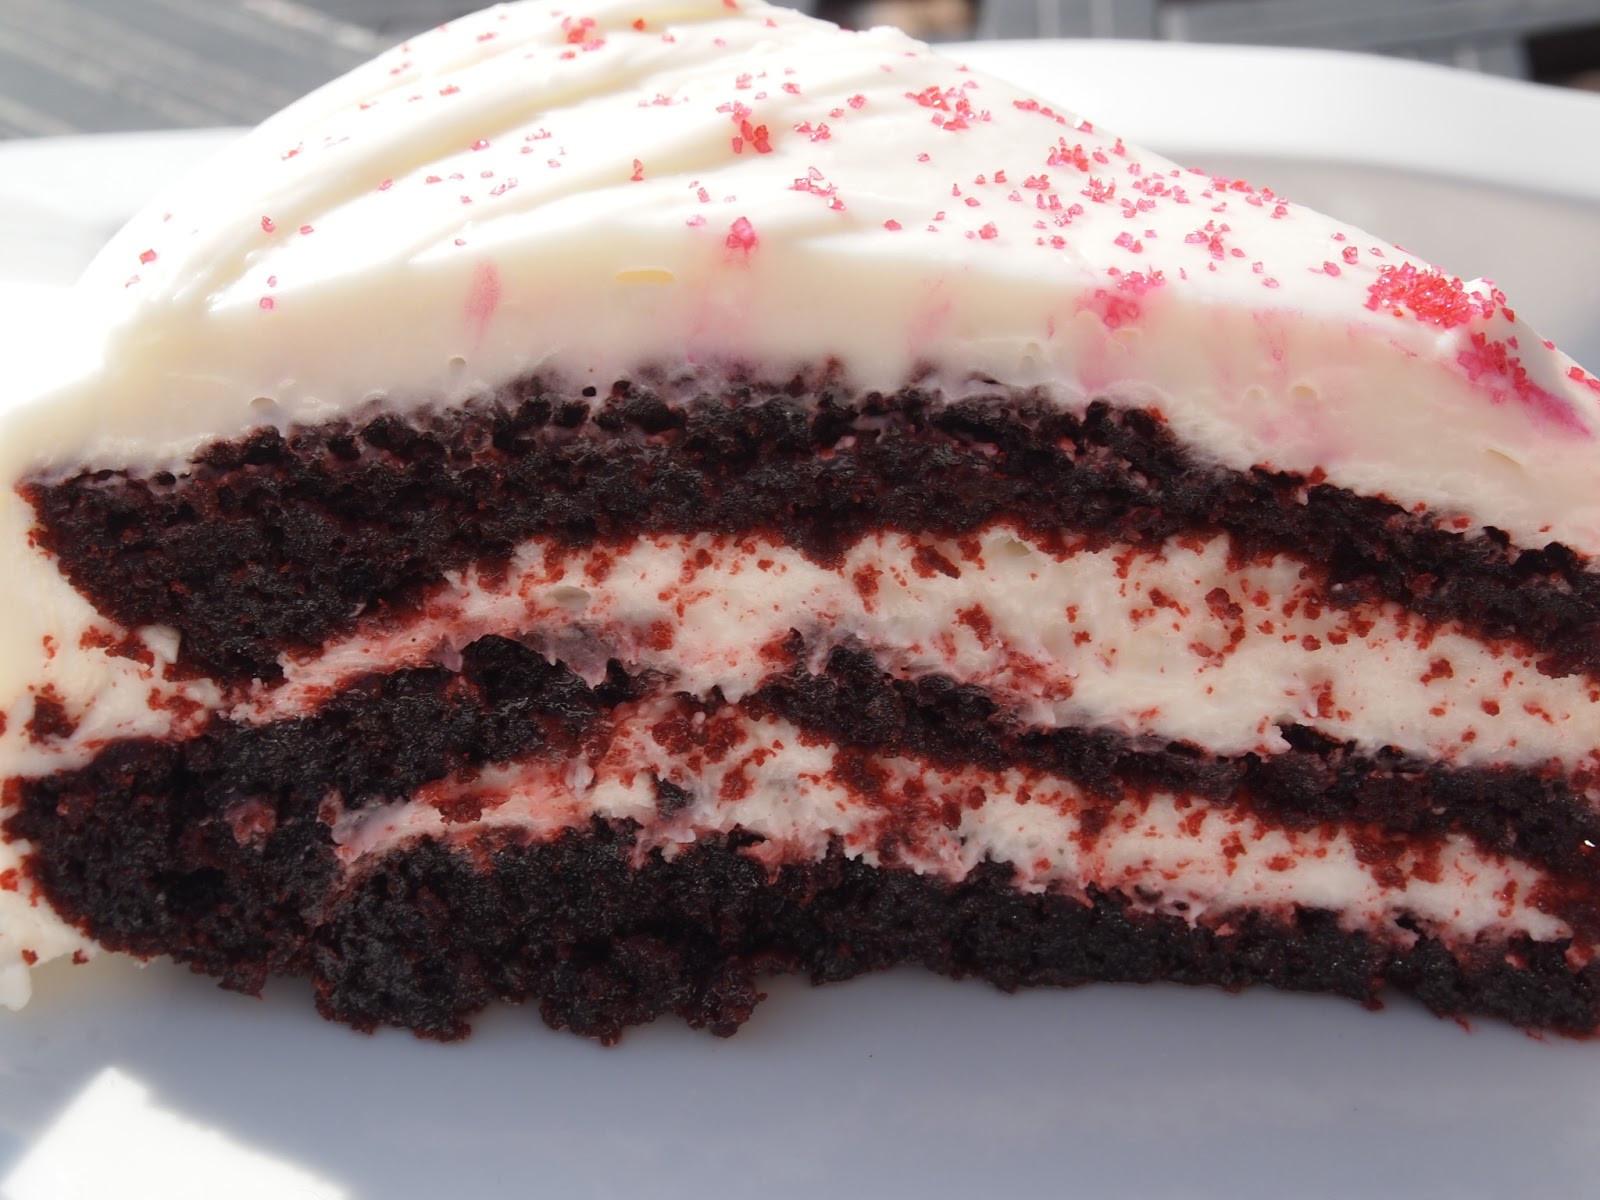 Gluten Free Red Velvet Cake  Gluten Free Desserts made Delicious Gluten Free Red